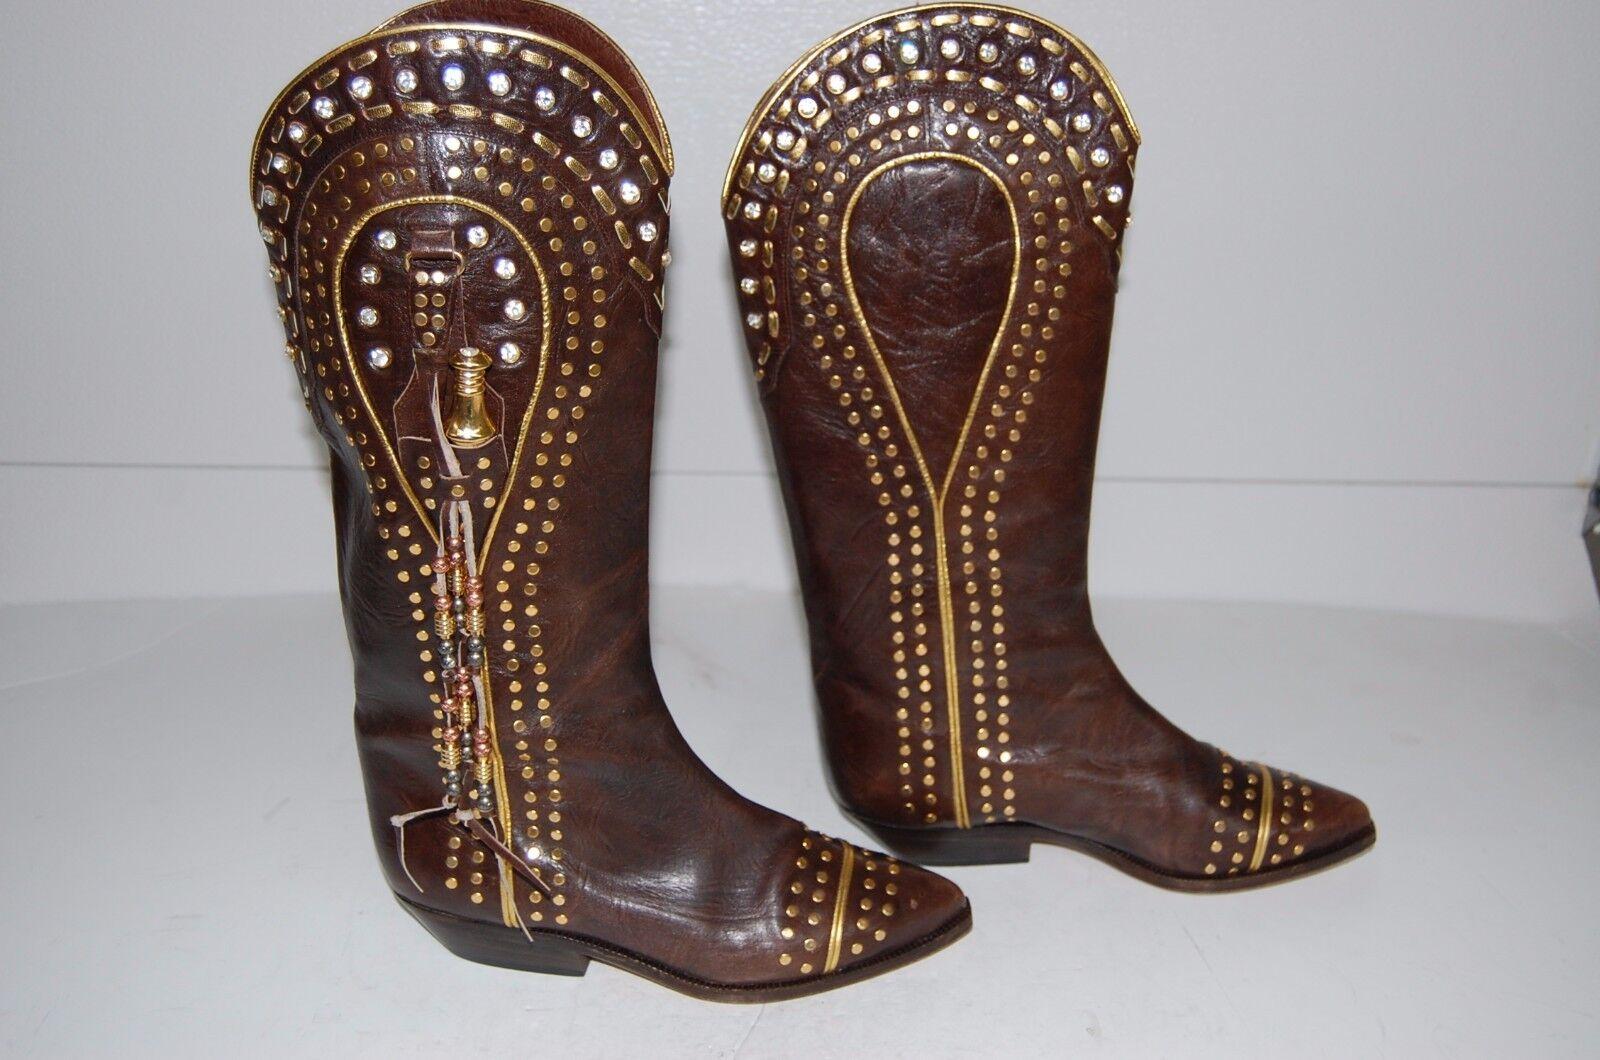 El Vaquero Marronee Leather stivali  oro Studied  a buon mercato